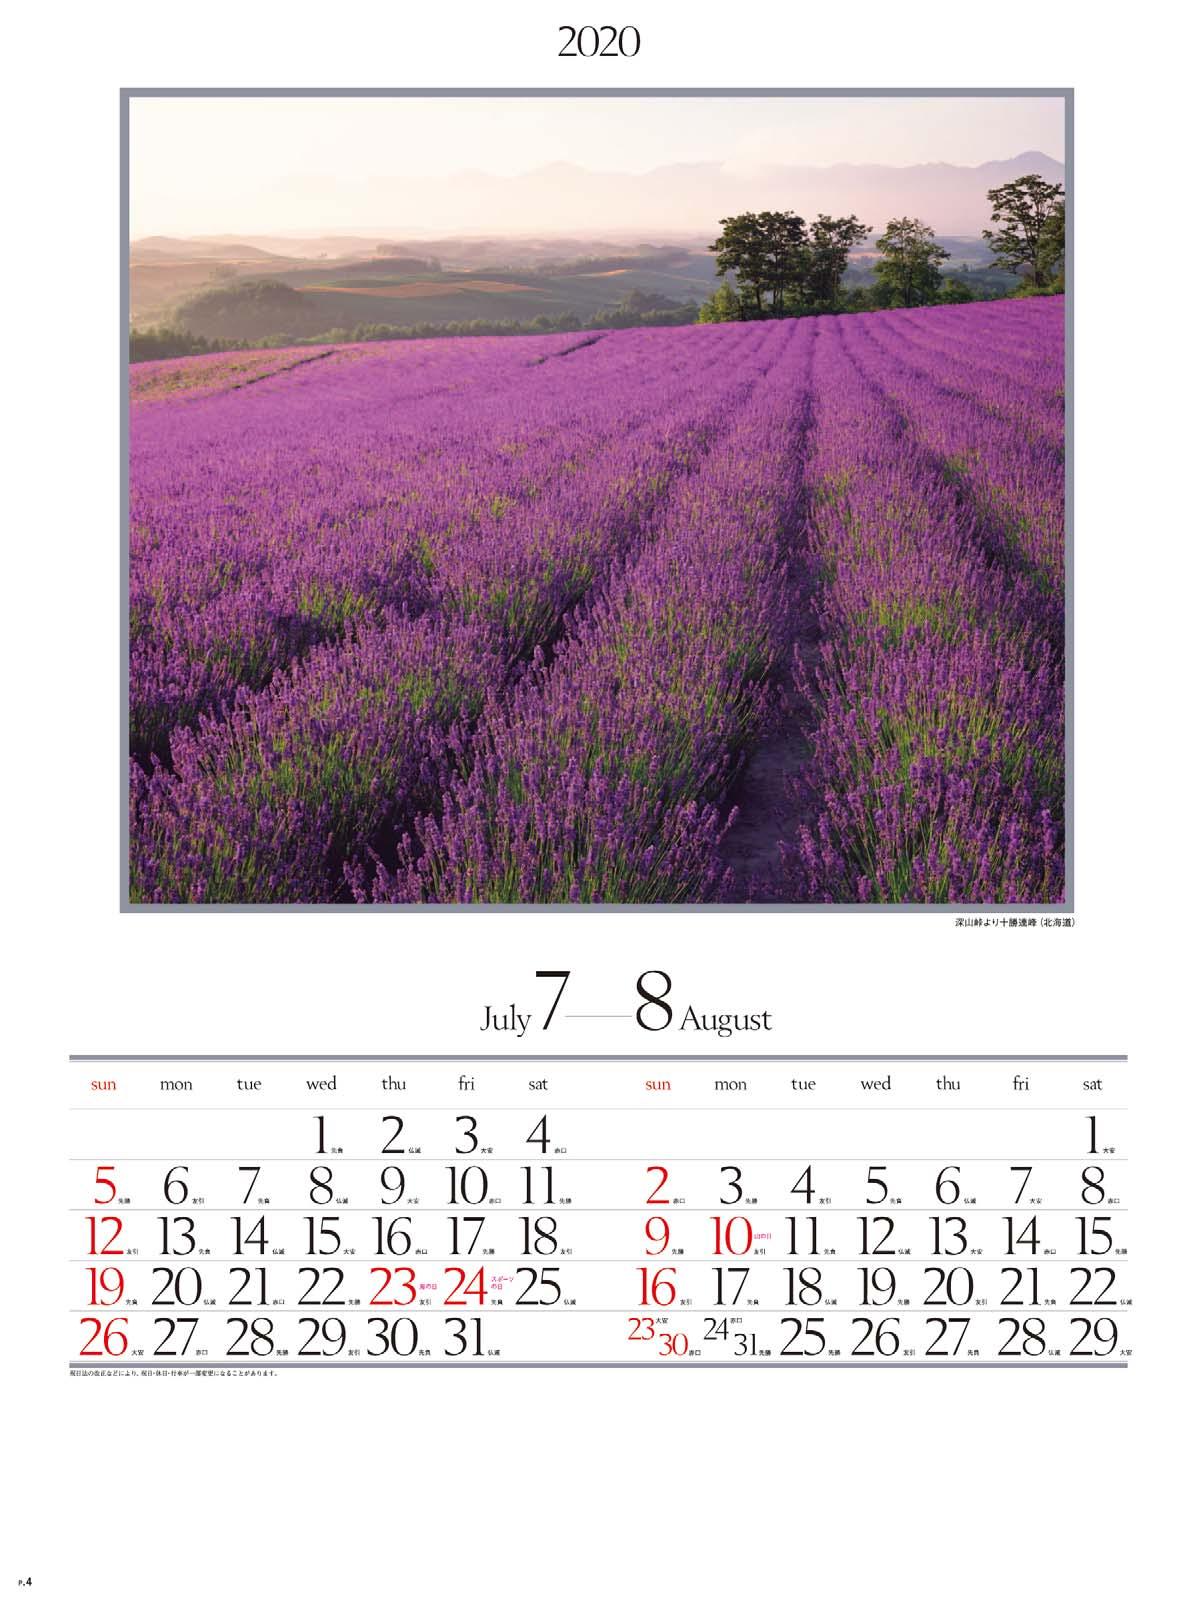 画像:深山峠より十勝連峰(北海道) 四季六彩 2020年カレンダー